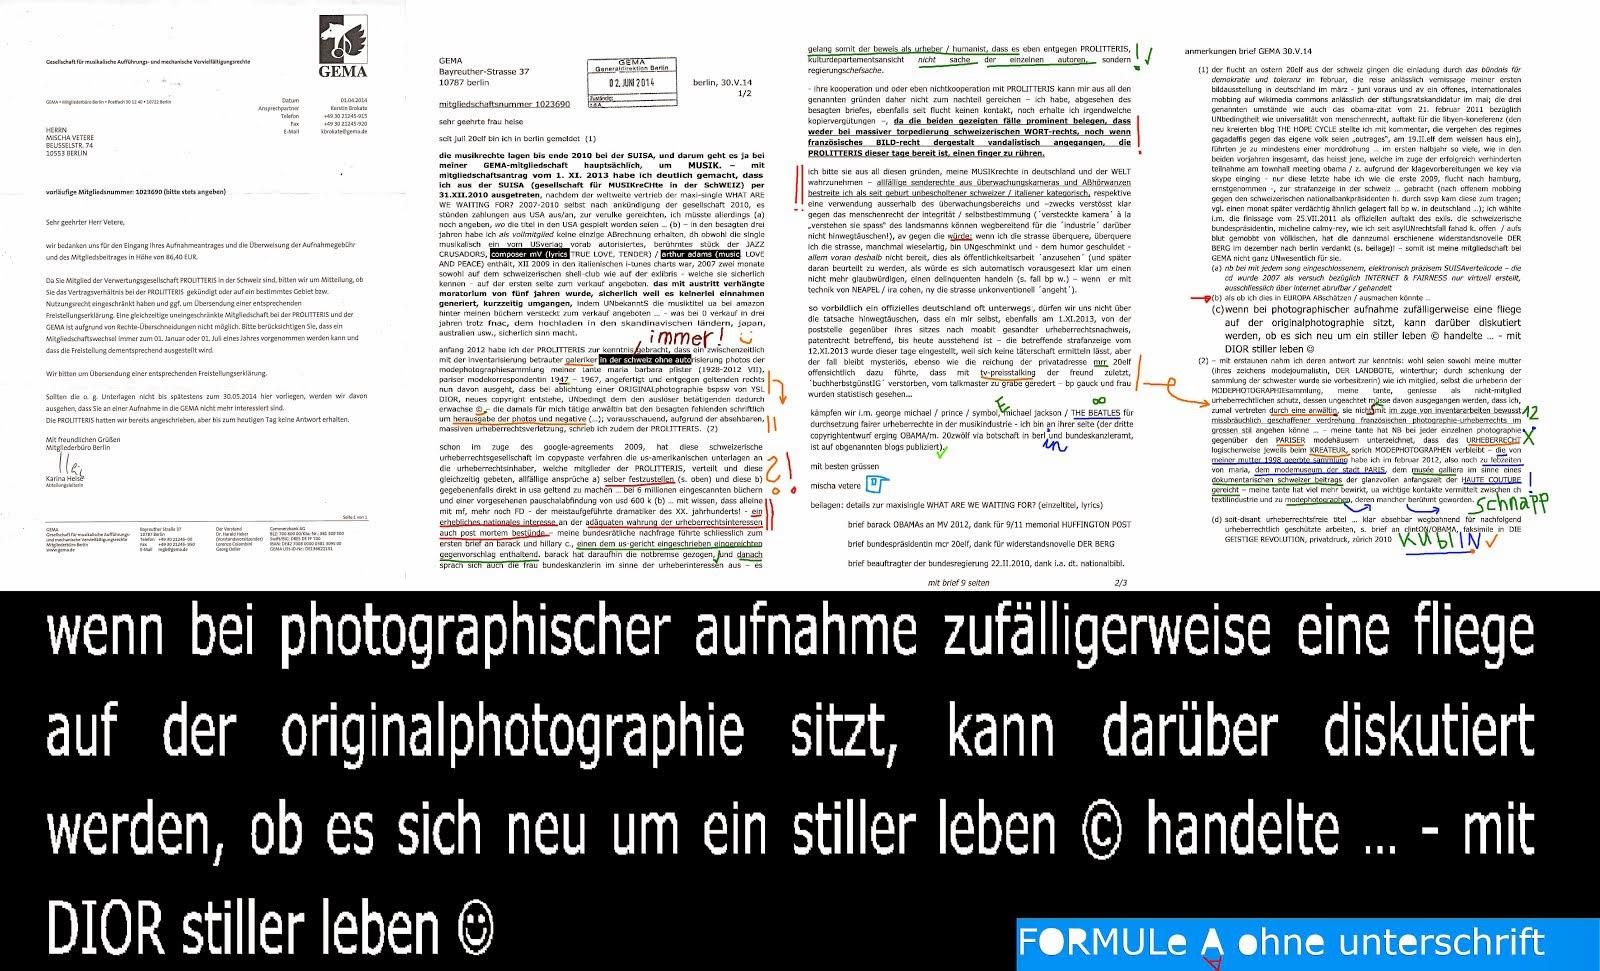 merkel administration deutsche zensur gegen mischa vetere seit 2009, ostdeutsCHe untermieter